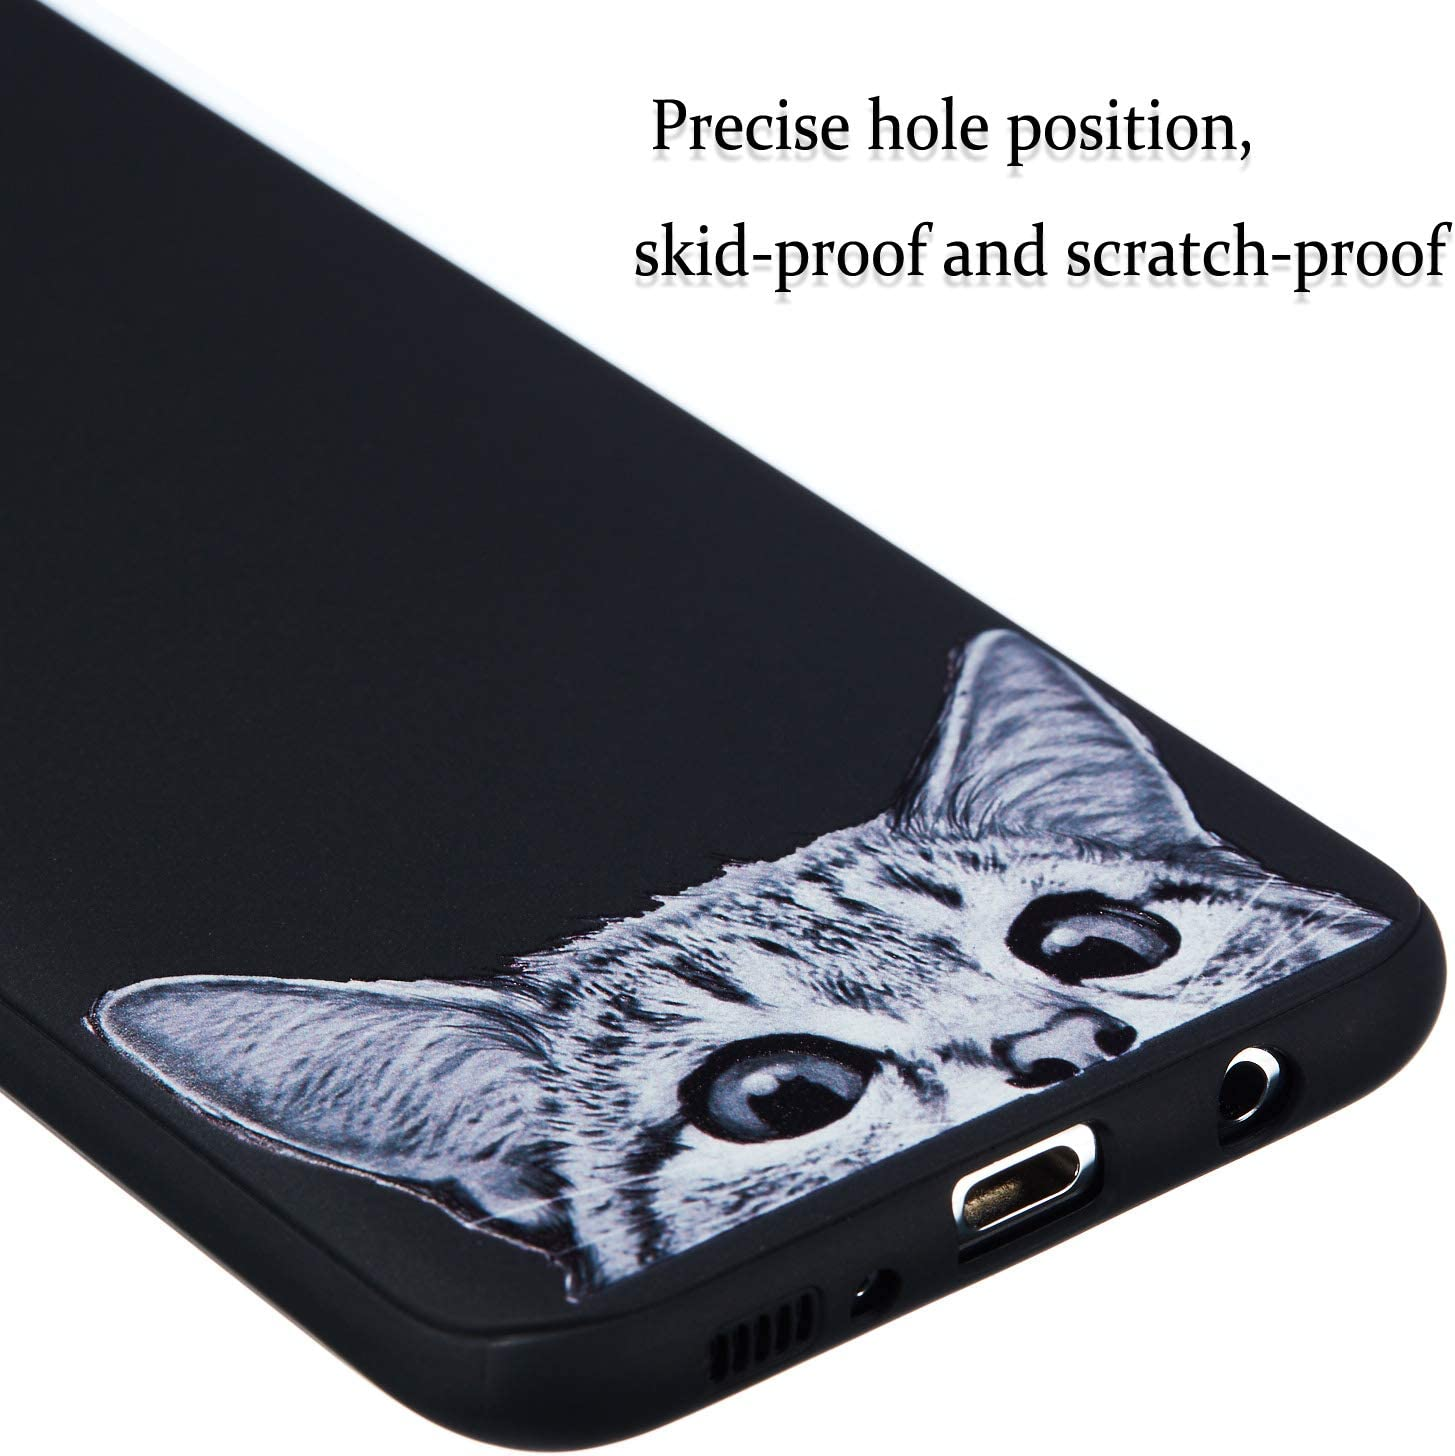 Artfeel Noir Souple Silicone Coque pour Samsung Galaxy S8,Charmant Chat Dessin anim/é Motif Ultra Mince L/éger Arri/ère /Étui,Flexible TPU Pare-Chocs Antichoc Housse